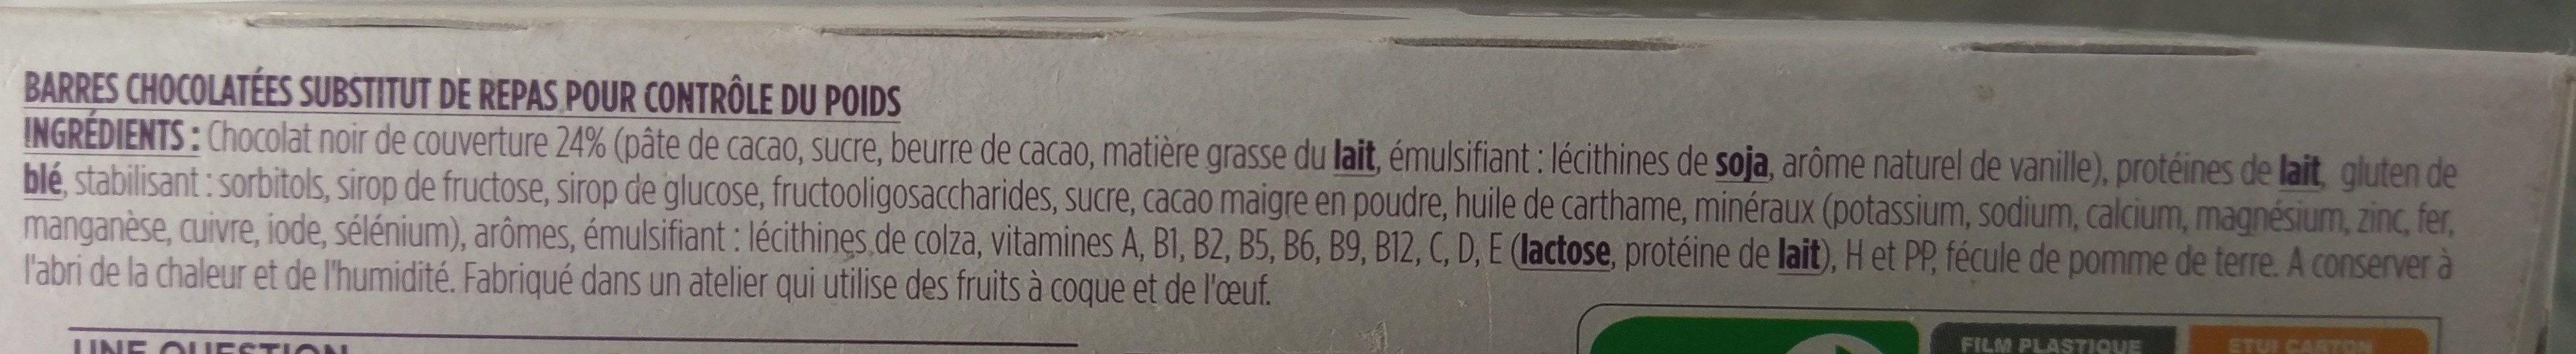 Repas minceur complet barres saveur chocolat - Ingrédients - fr